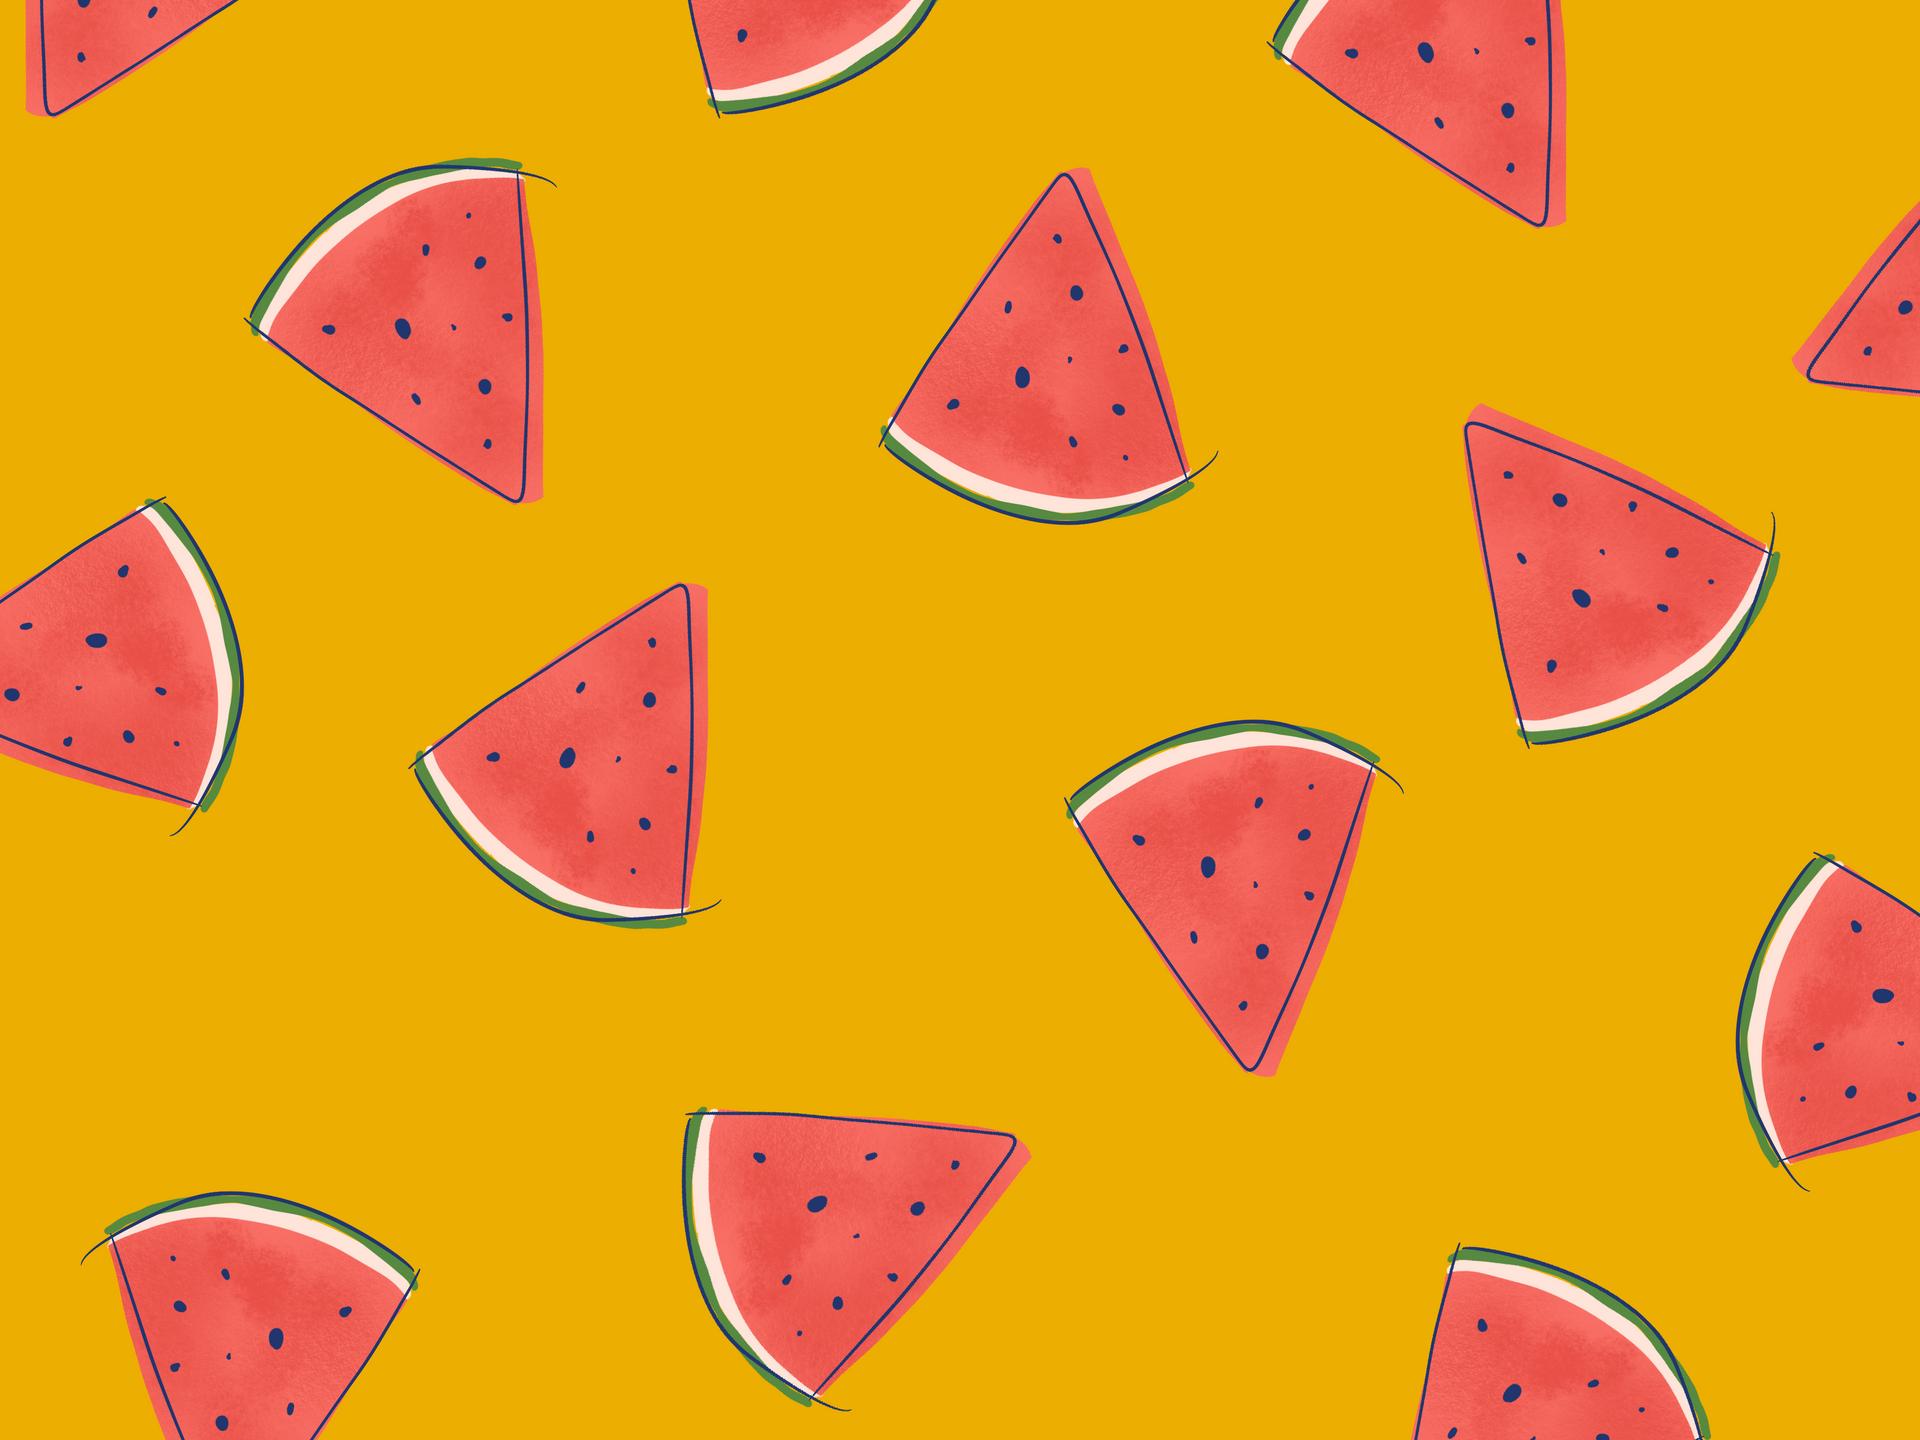 watermelon_print_AT.png